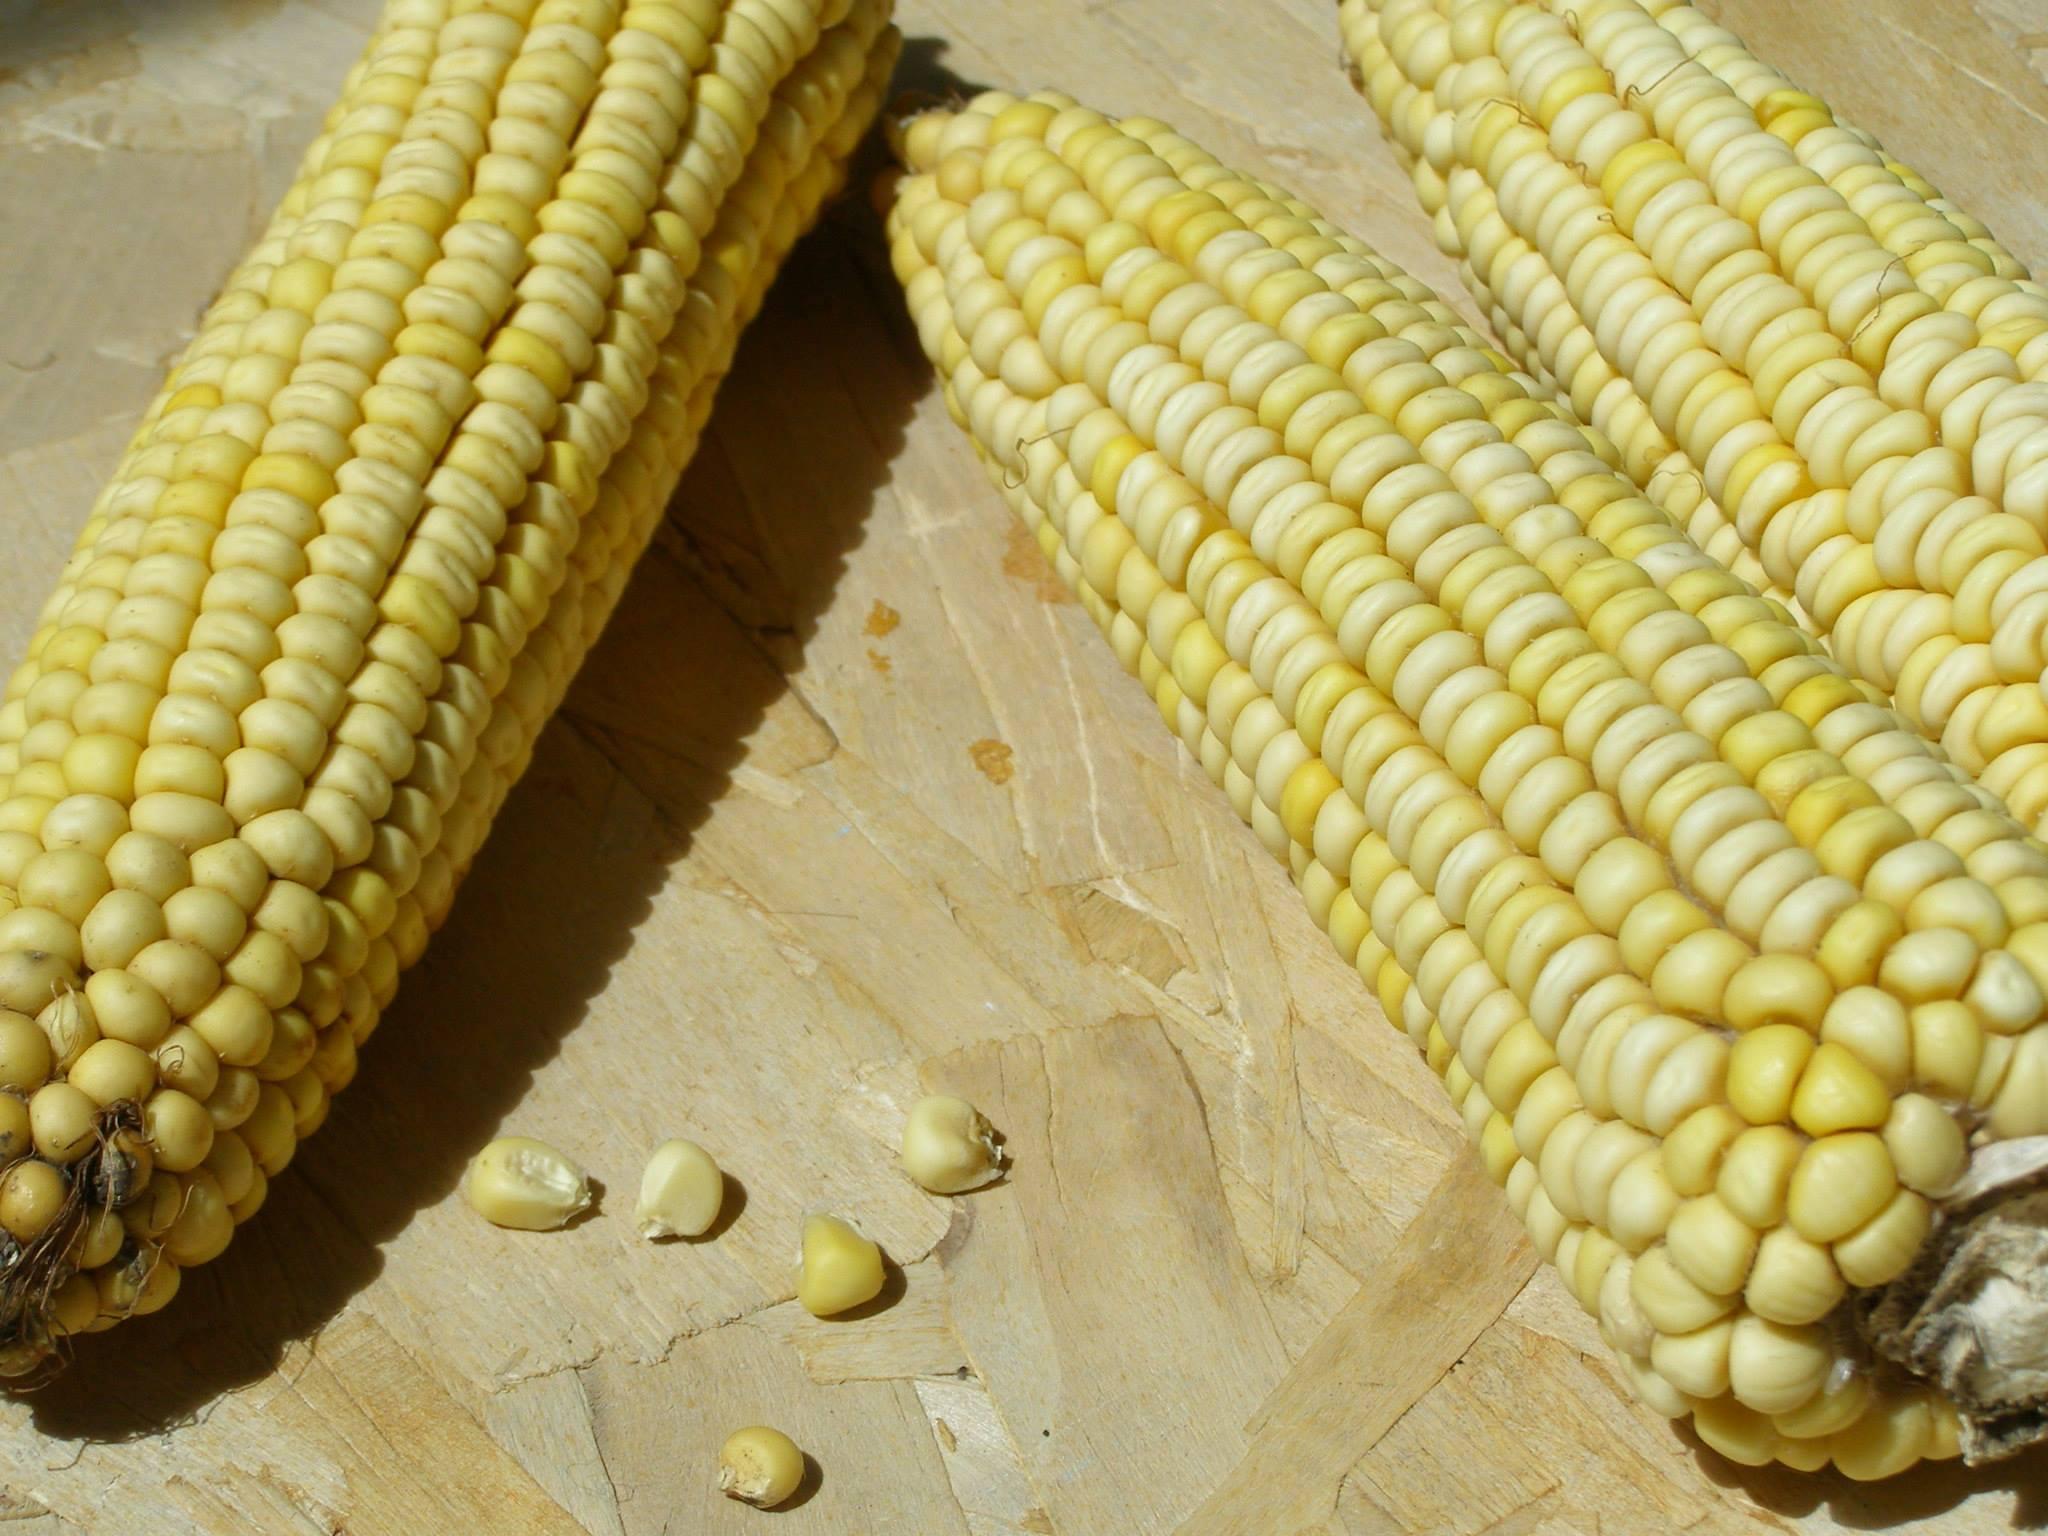 Как получить семена кукурузы в домашних условиях: отбор, сбор, хранение 38